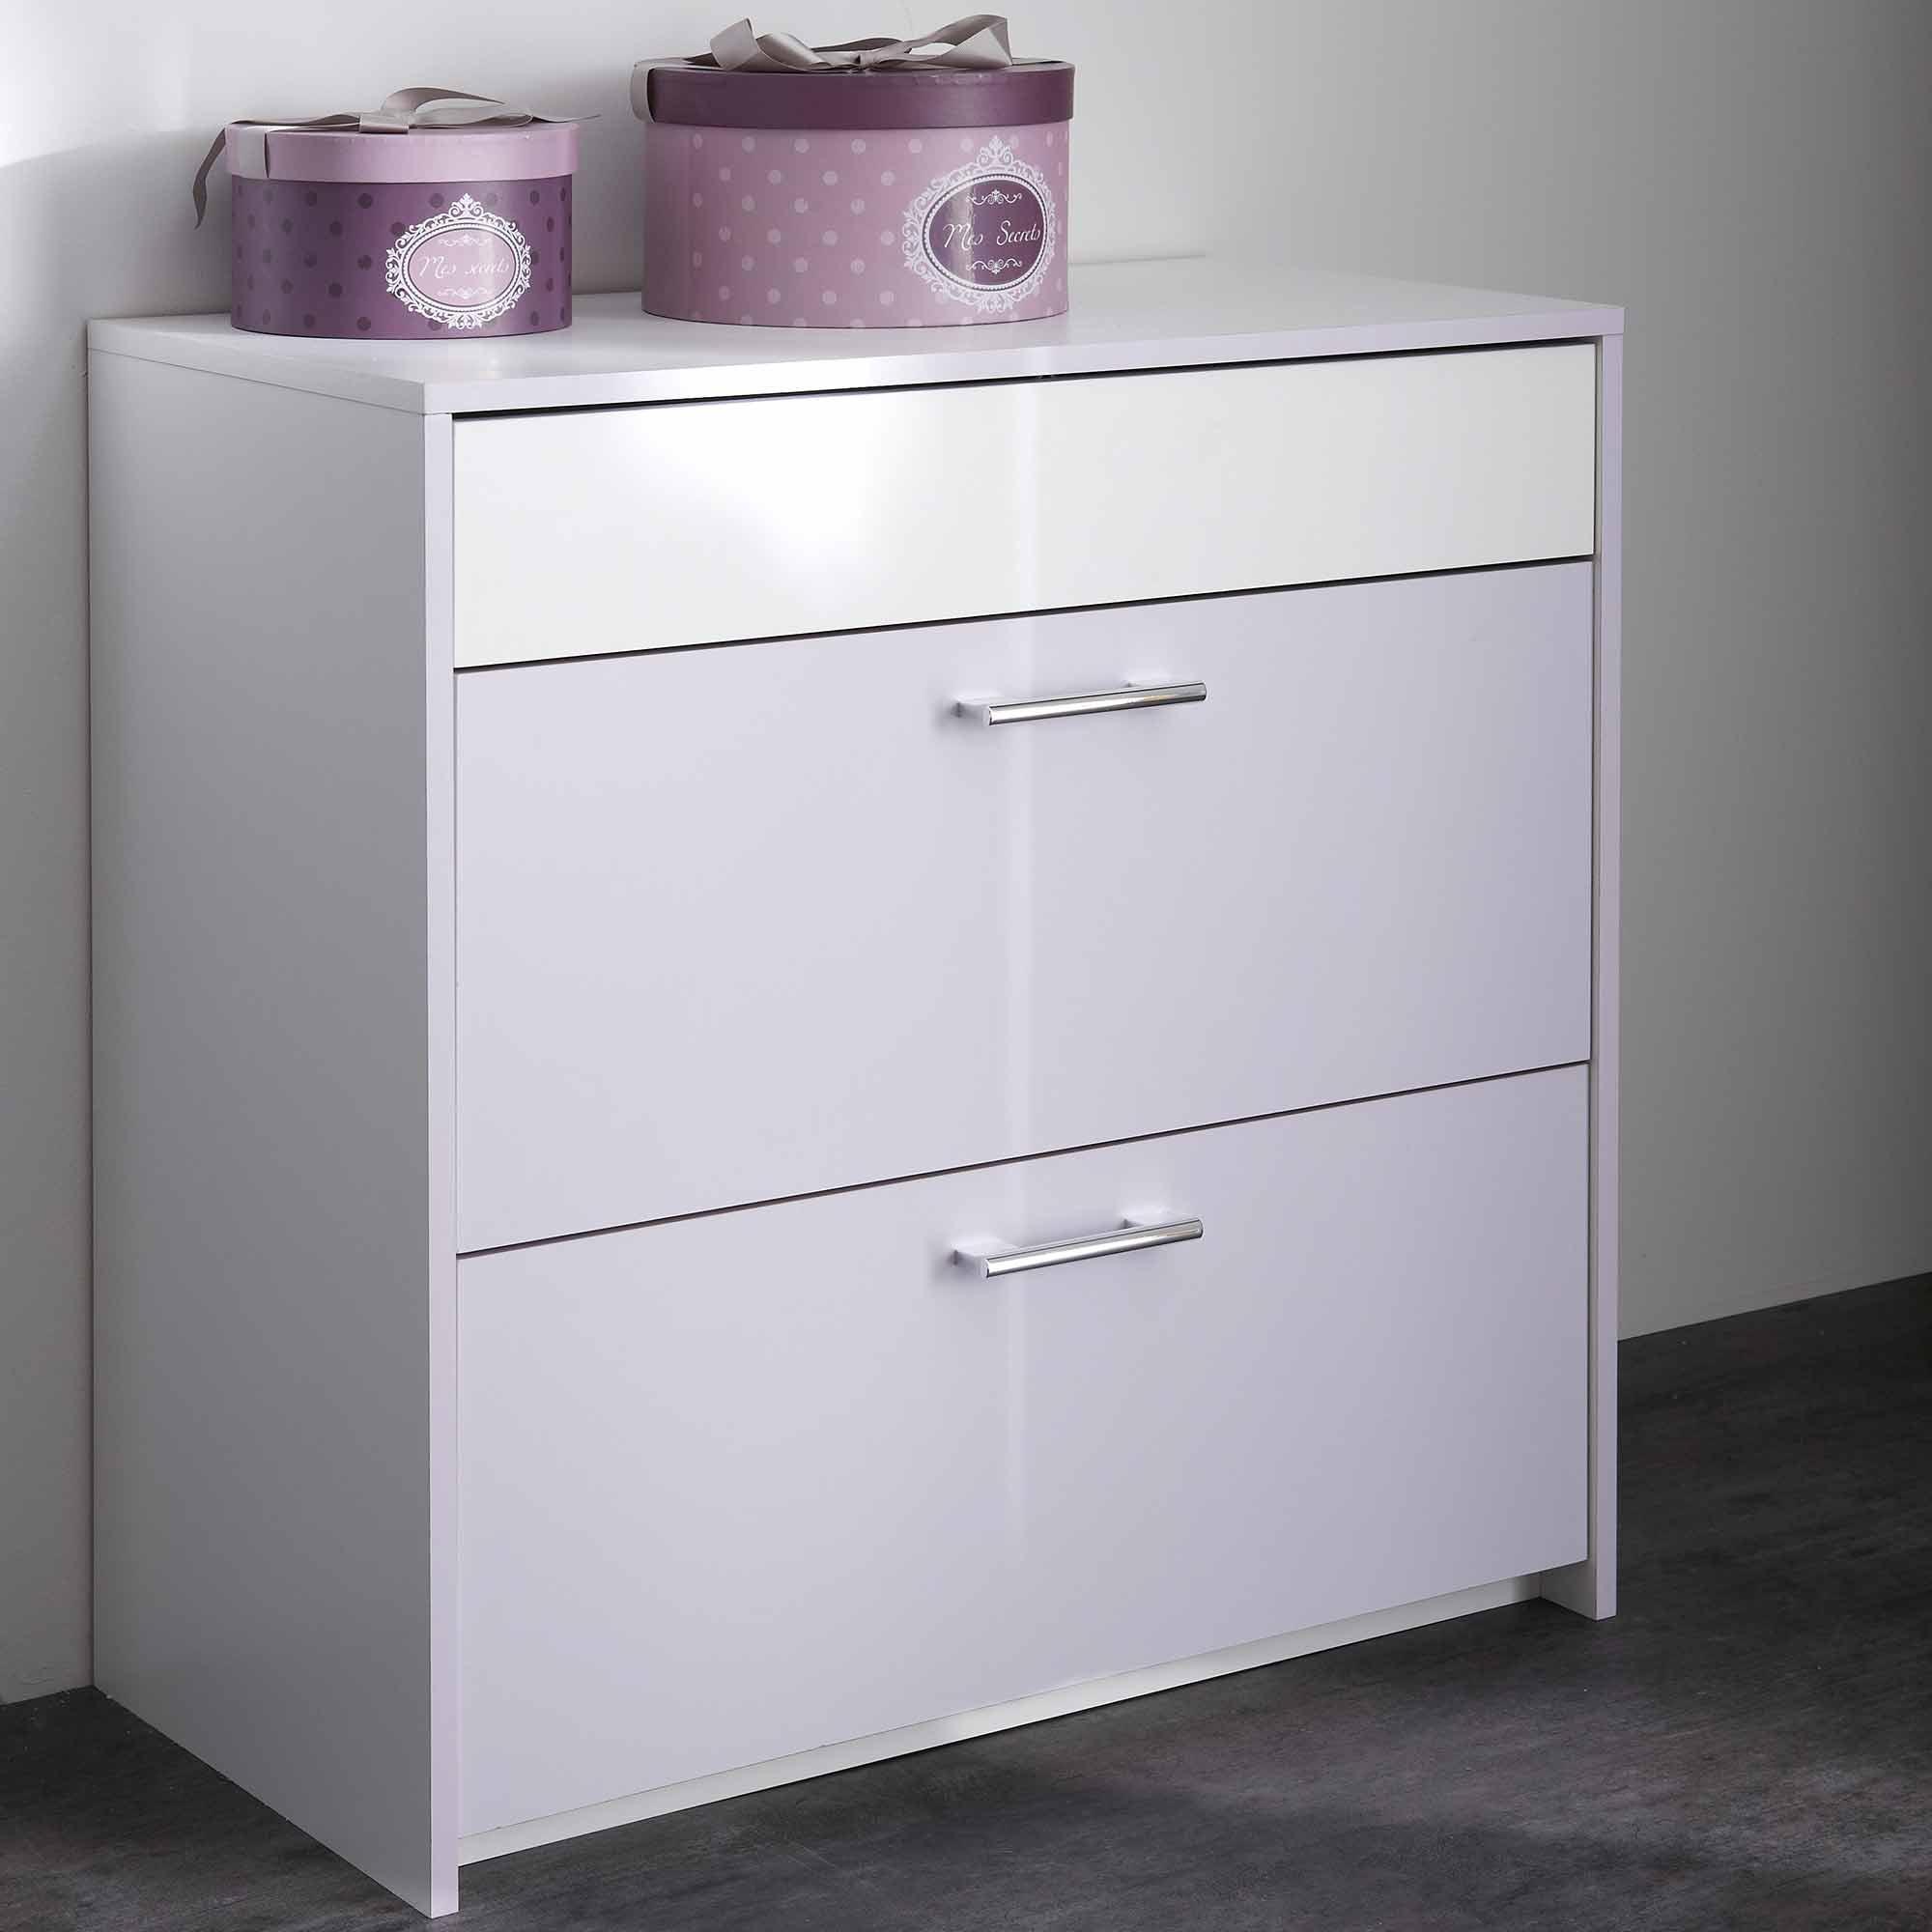 commode en bois blanc et parme mina. Black Bedroom Furniture Sets. Home Design Ideas